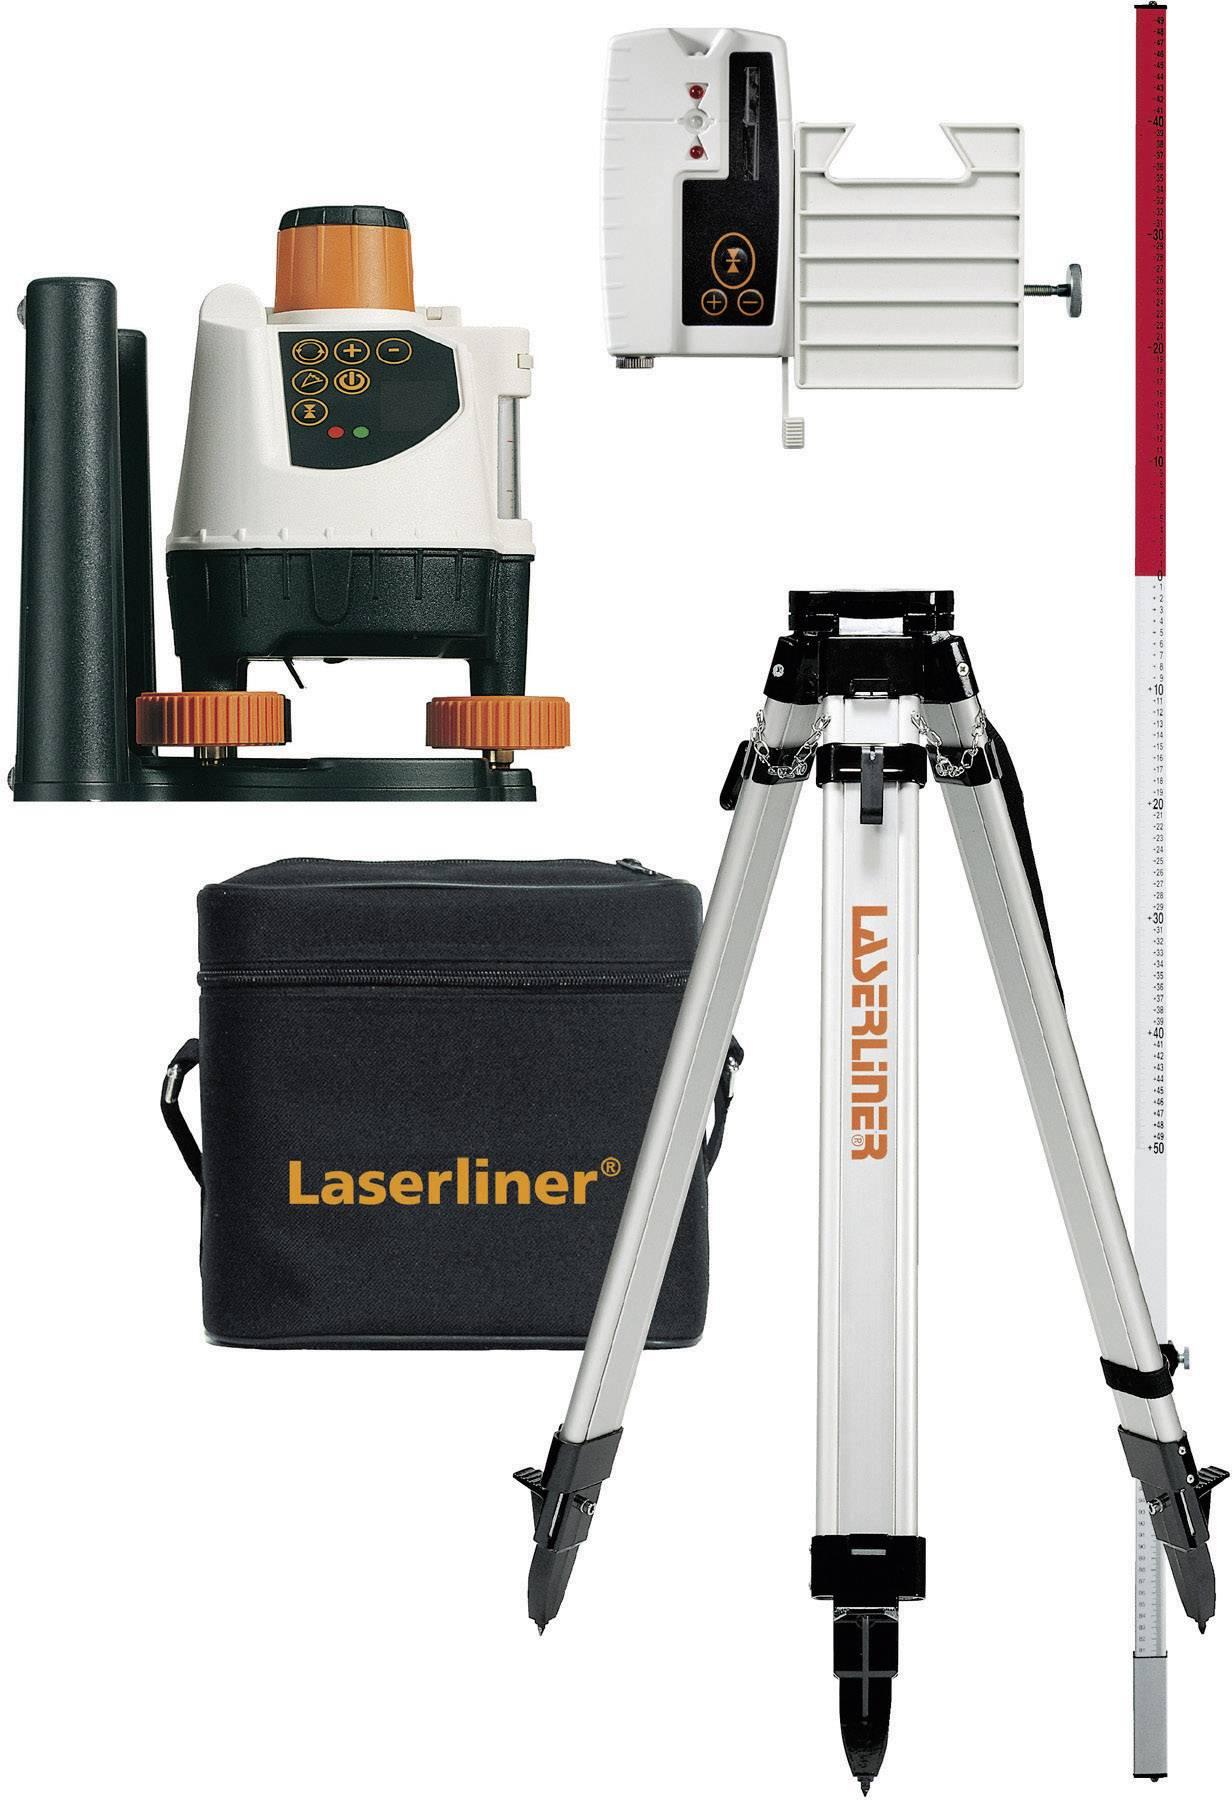 Sada rotačného lasera BeamControl-Master, Laserliner 026.04.00A